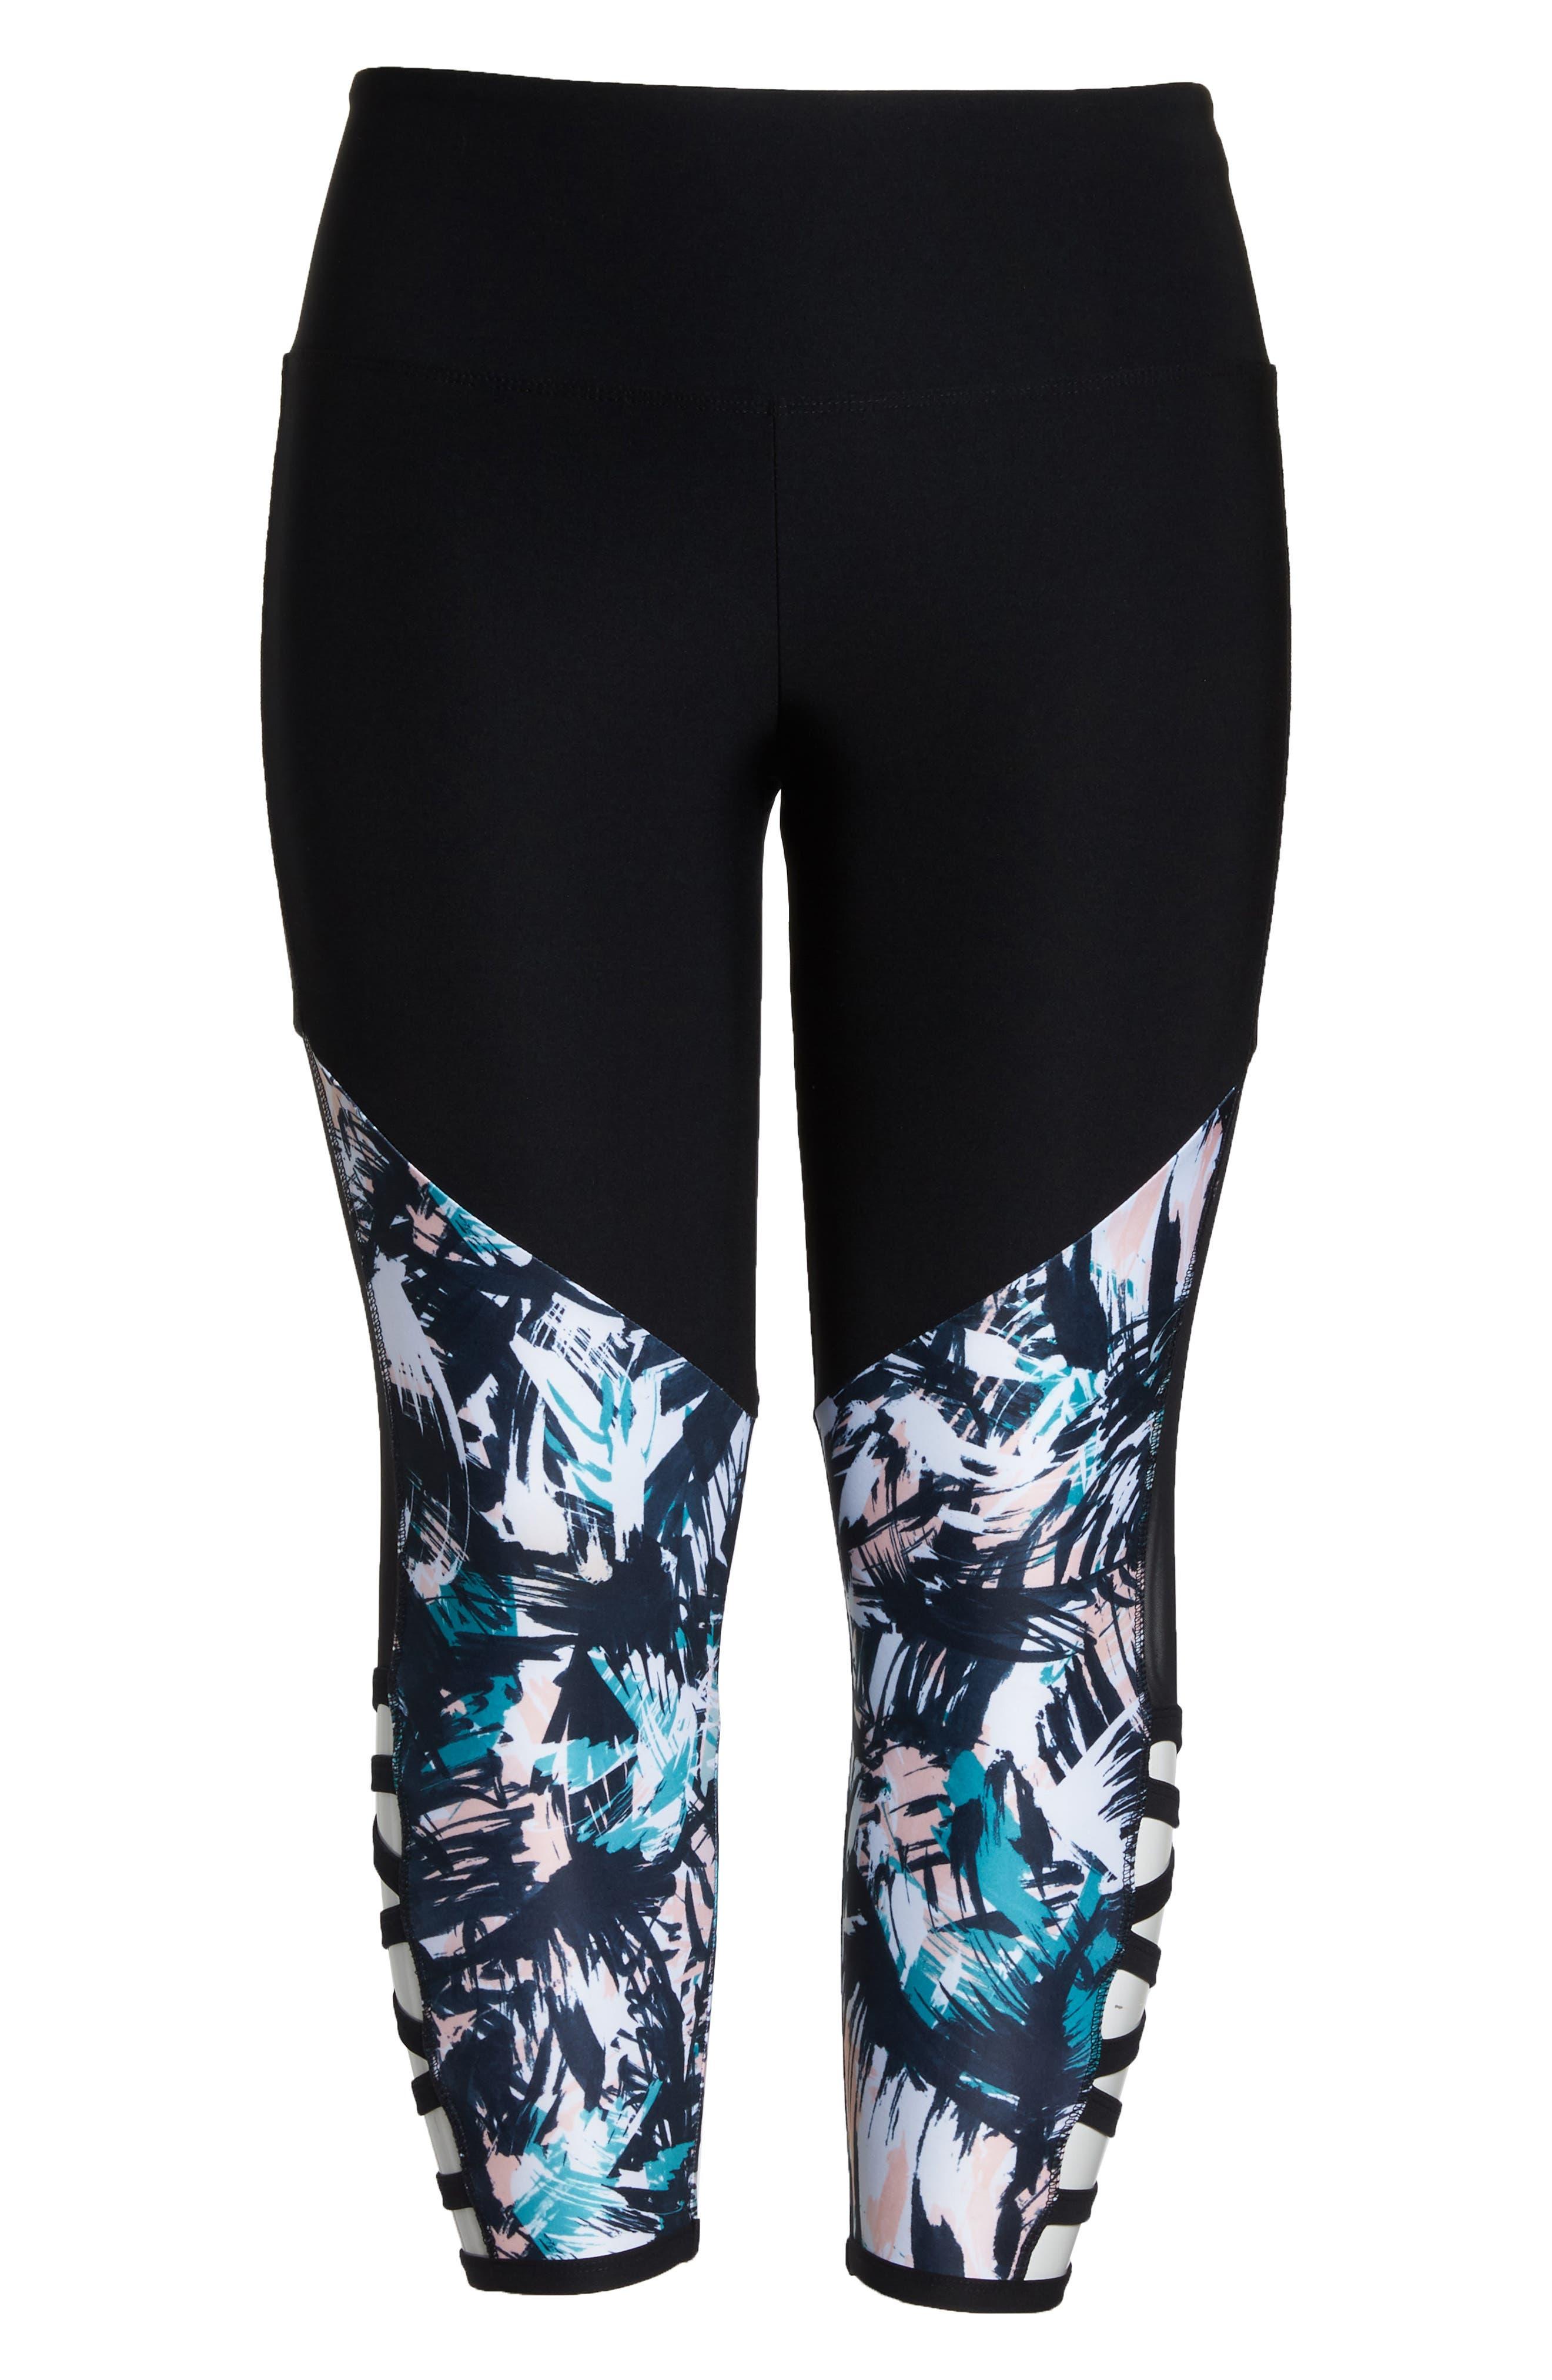 Kendall Invigorate Capri Leggings,                             Alternate thumbnail 7, color,                             Black/ Brushed Palms